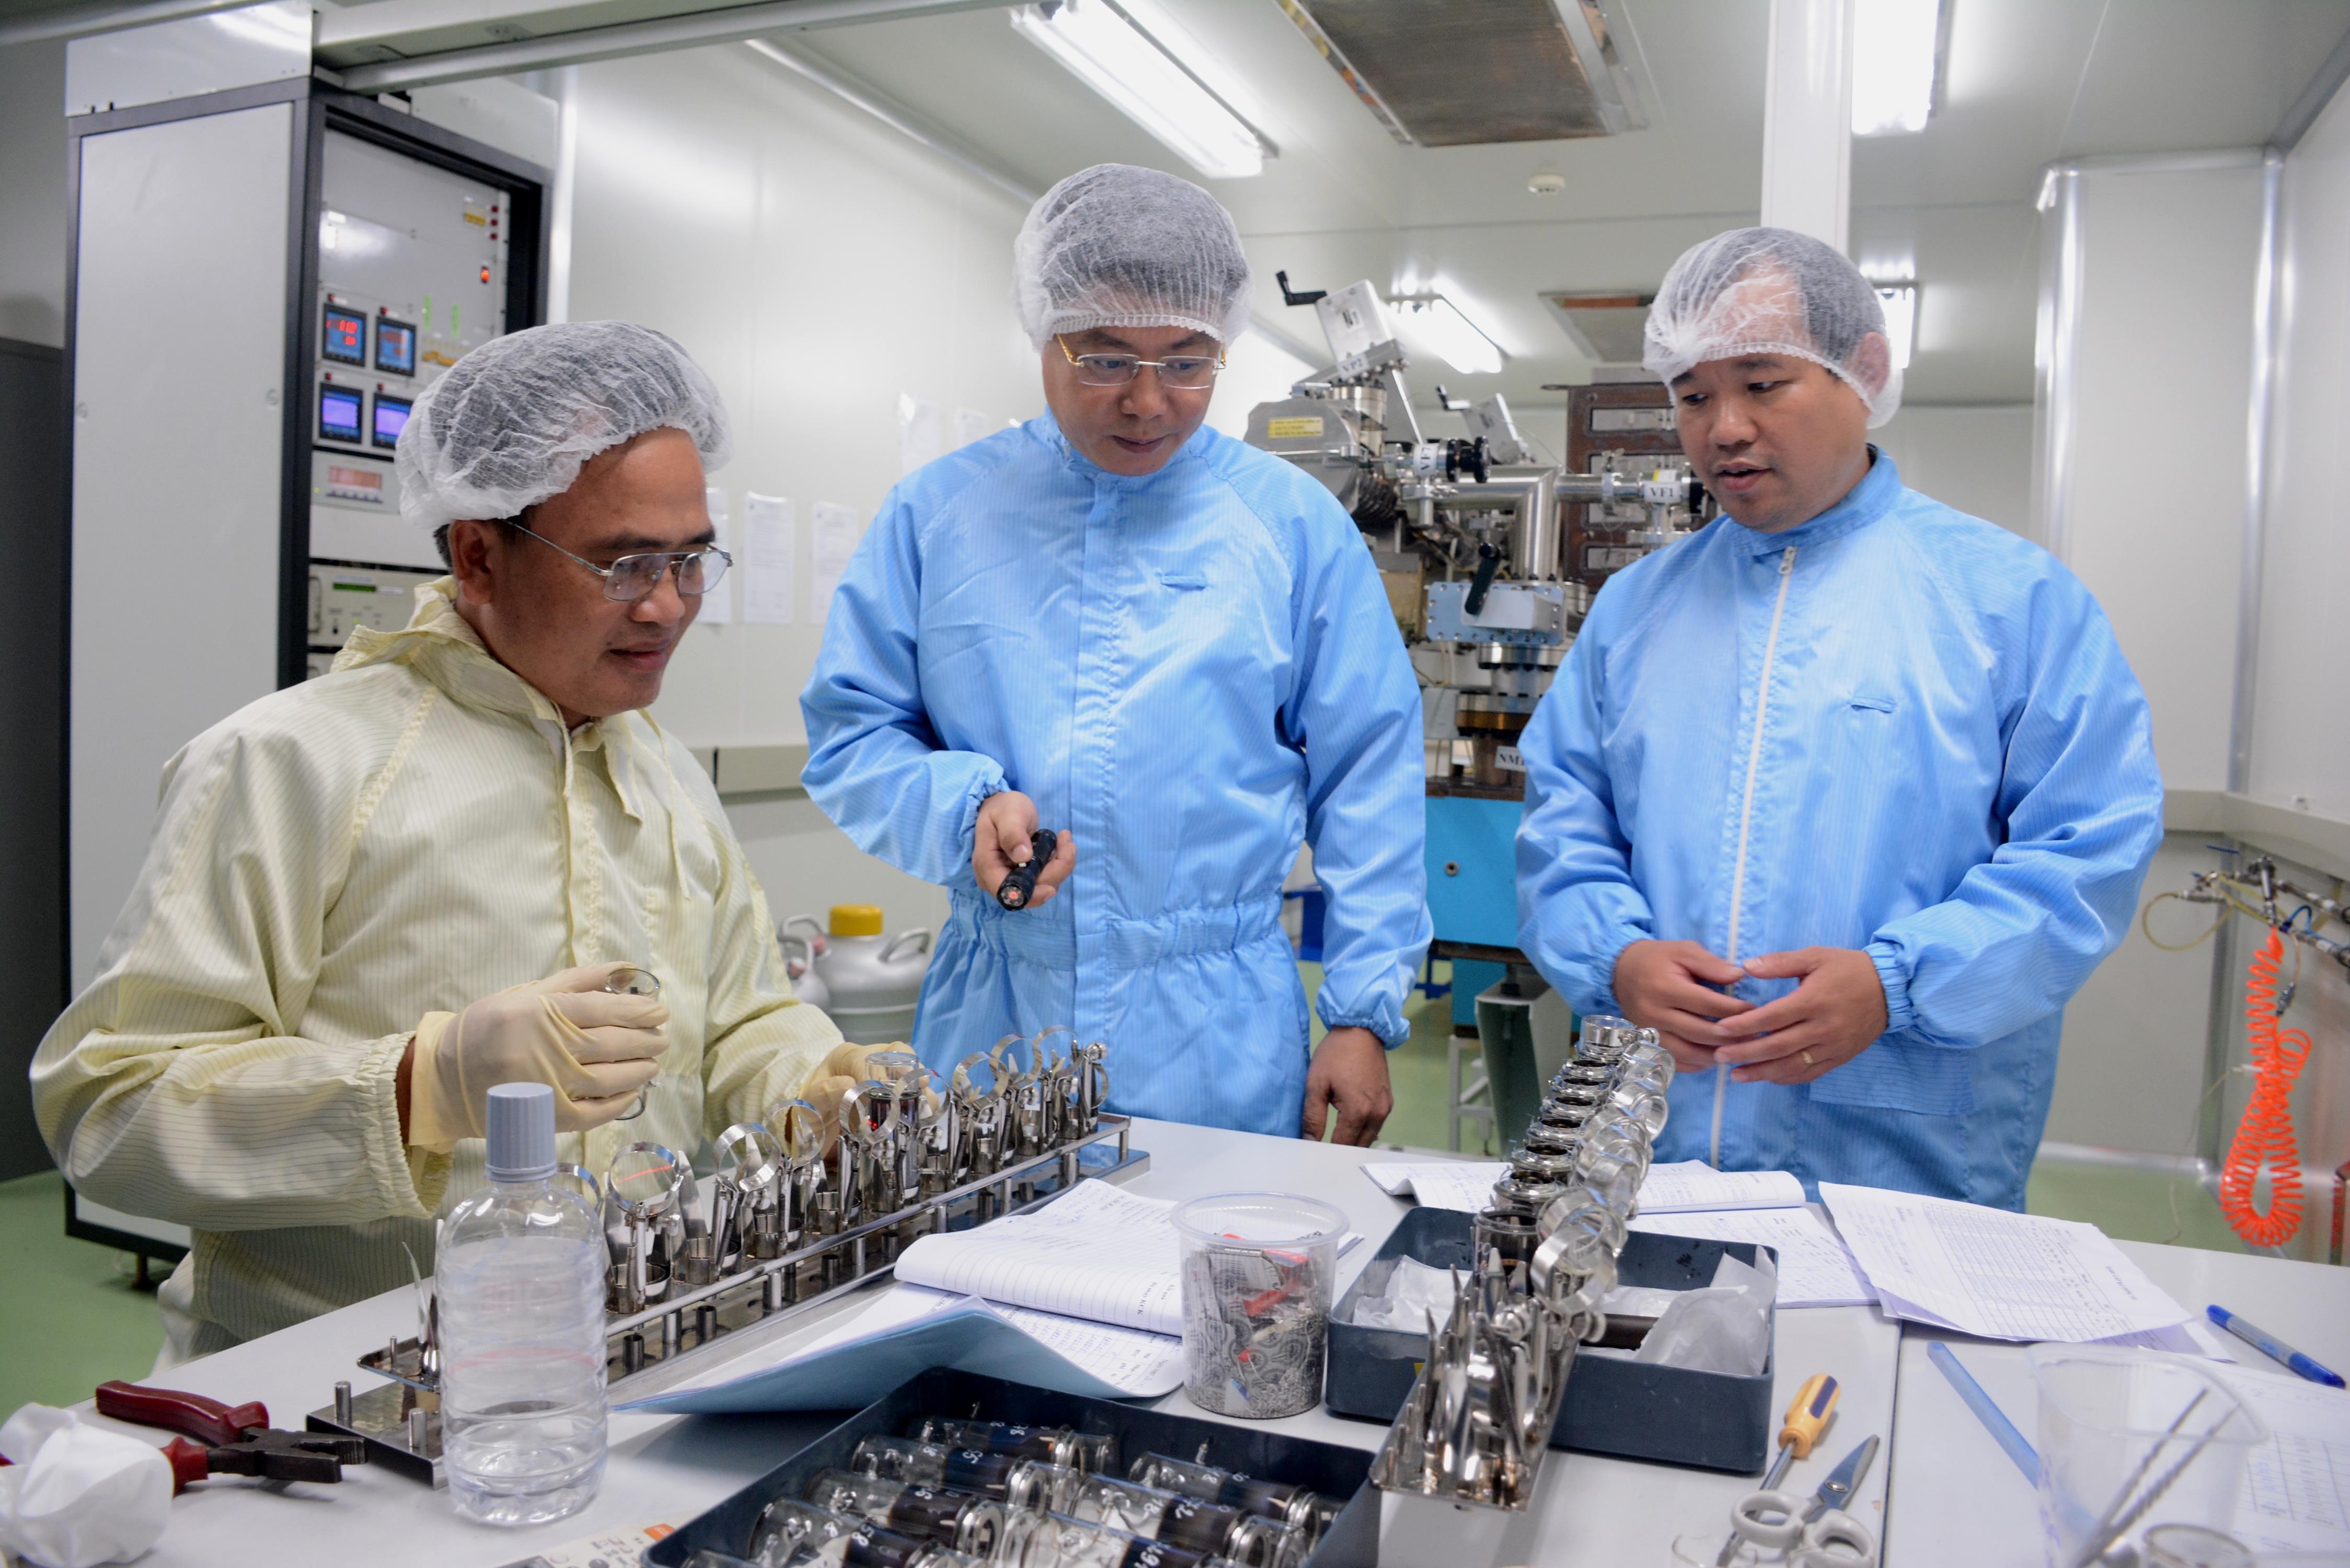 Kiểm tra quy trình sản xuất ống khuếch đại ánh sáng thế hệ 2+. Ảnh: VŨ DUNG.